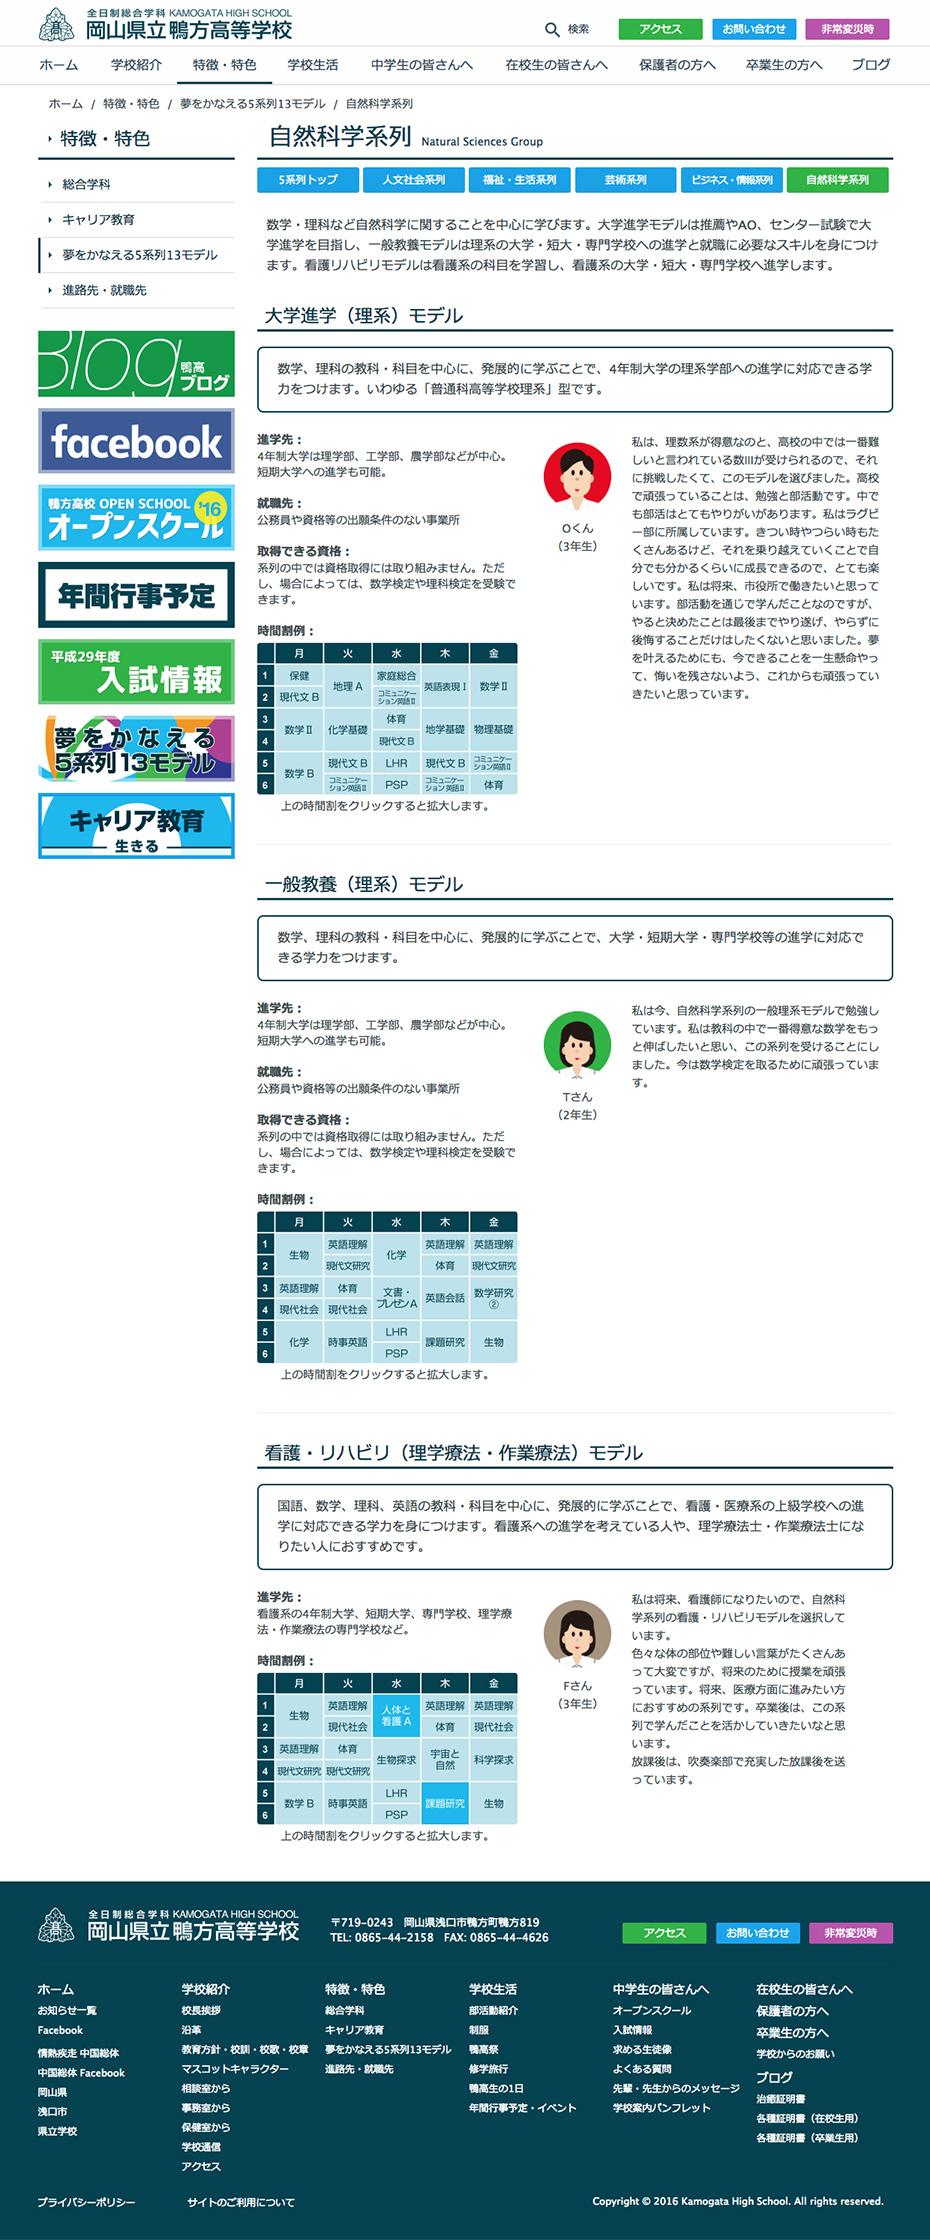 岡山県立鴨方高等学校様 ホームページ 自然科学系列